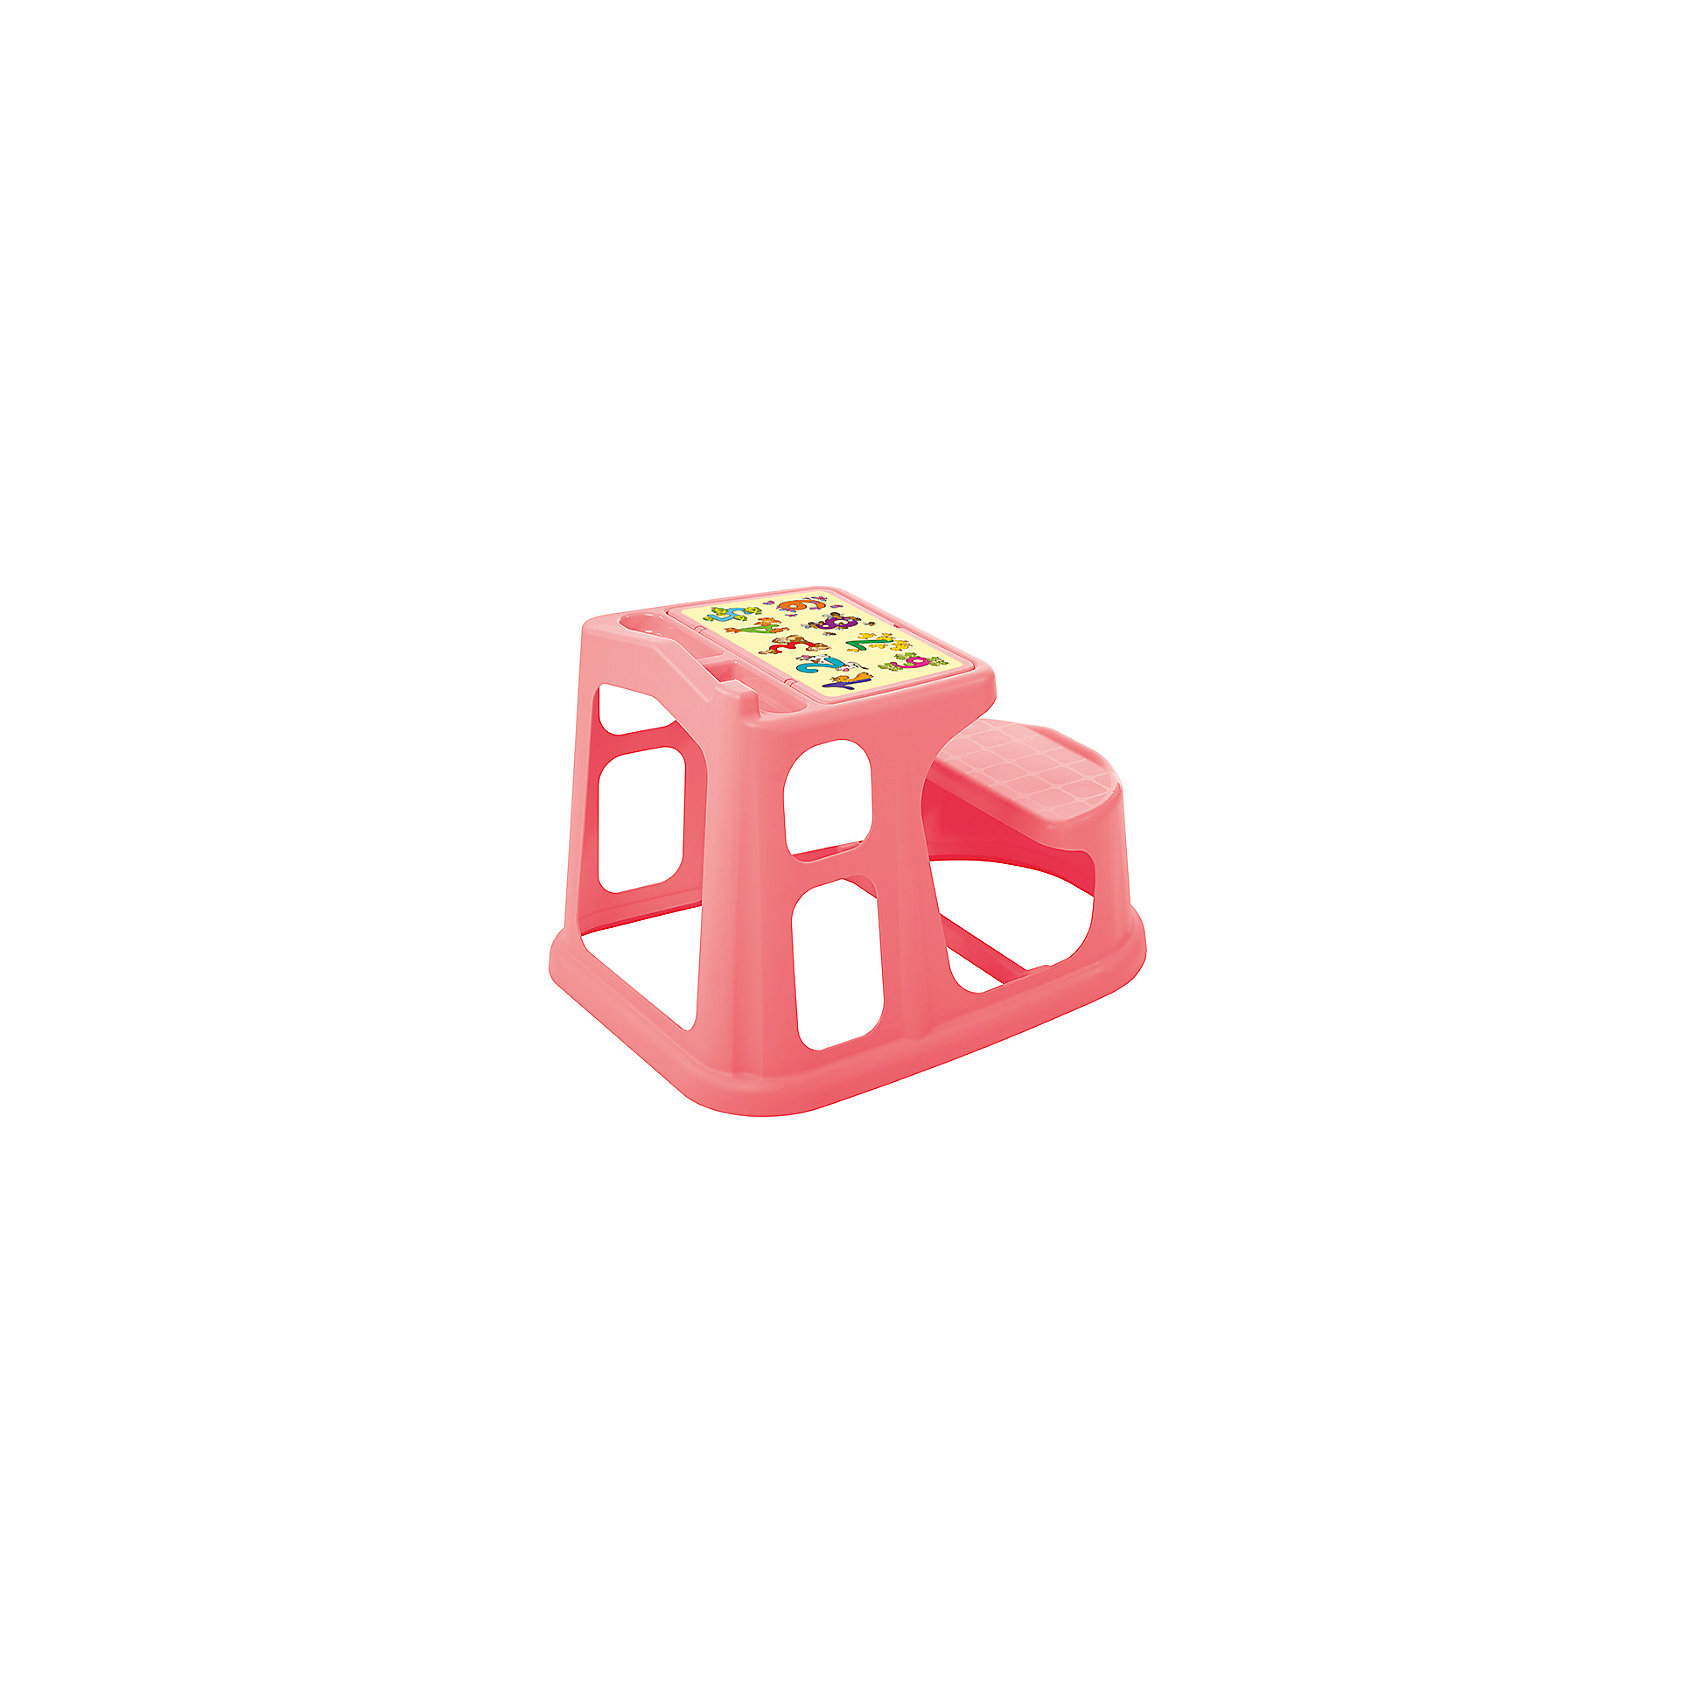 Стол парта для детей с декором 730*550*500, Пластишка, коралловыйСтол парта для детей с декором 730*550*500, Пластишка, коралловый – подойдет для маленькой комнаты.<br>Отлично вписывается в детскую благодаря своему компактному размеру и яркому красочному дизайну. Идеально подходит для занятий творчеством или обучением. Конструкция очень устойчивая, не переворачивается, если на нее облокотиться. Стол и стул удобны для детишек с самого маленького возраста. Столешница имеет углубление для карандашей и ручек. На стол наклеен алфавит.<br><br>Дополнительная информация: <br><br>- материал: полипропилен<br>- цвет: коралловый<br>- размер: 73х55х50 см<br><br>Стол парта для детей с декором 730*550*500, Пластишка, коралловый можно купить в нашем интернет магазине.<br><br>Ширина мм: 740<br>Глубина мм: 560<br>Высота мм: 645<br>Вес г: 2560<br>Возраст от месяцев: 24<br>Возраст до месяцев: 72<br>Пол: Женский<br>Возраст: Детский<br>SKU: 4972205